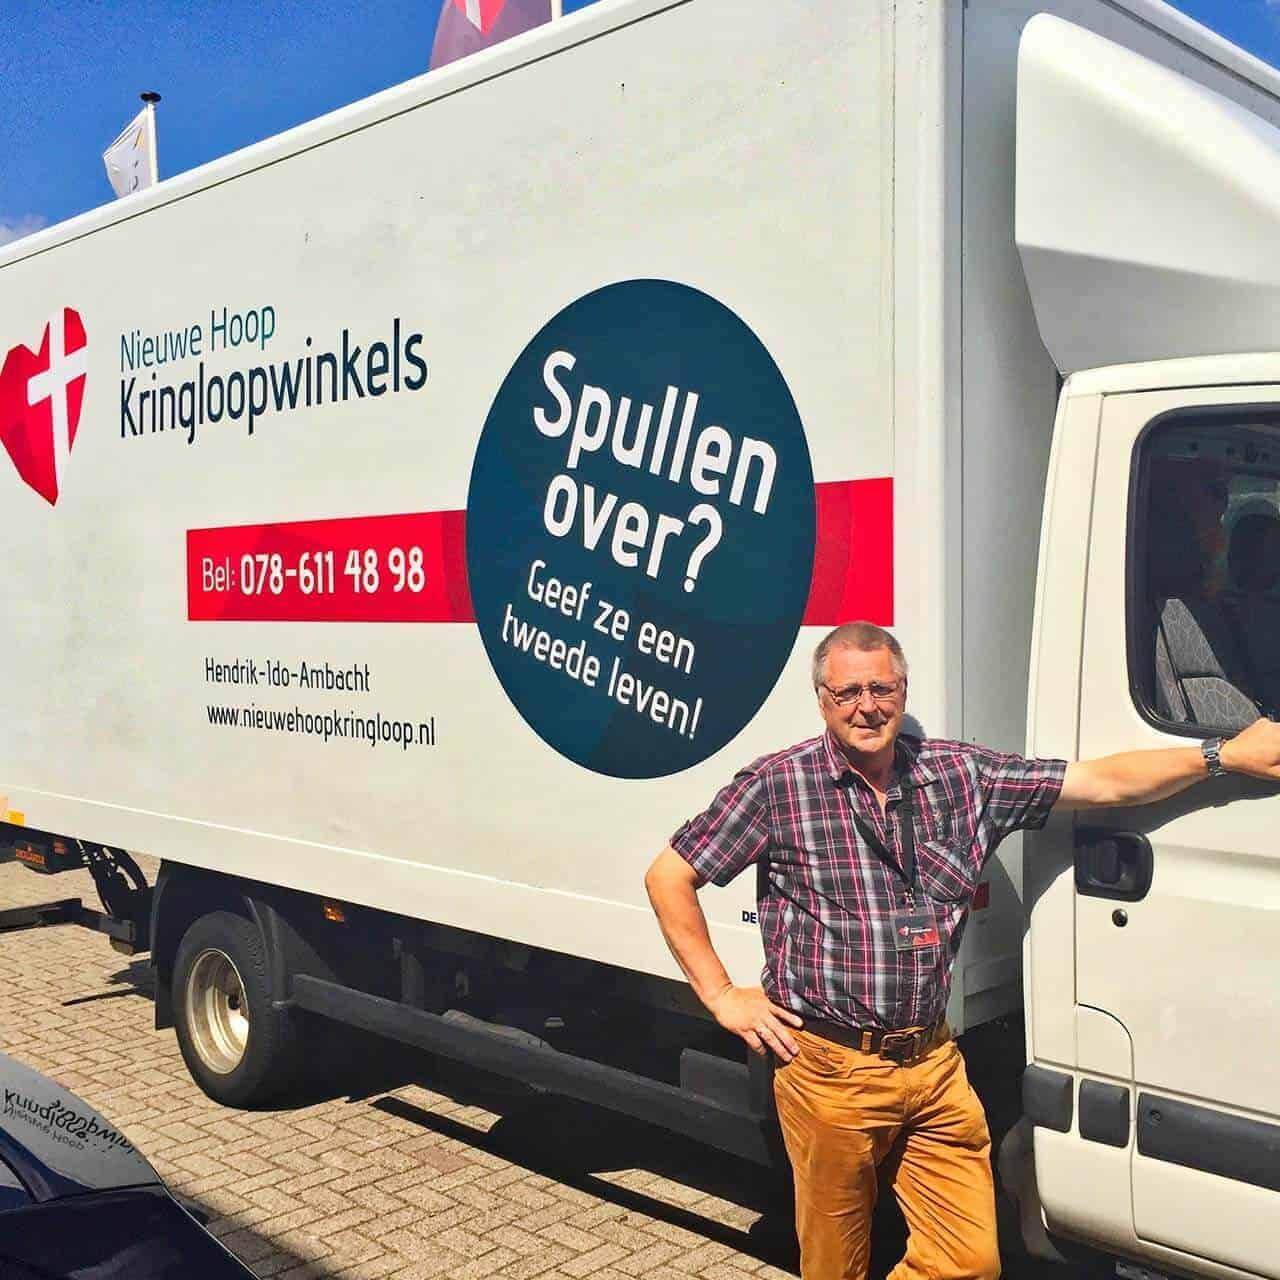 Vrachtwagen van Nieuwe Hoop met vrijwilliger